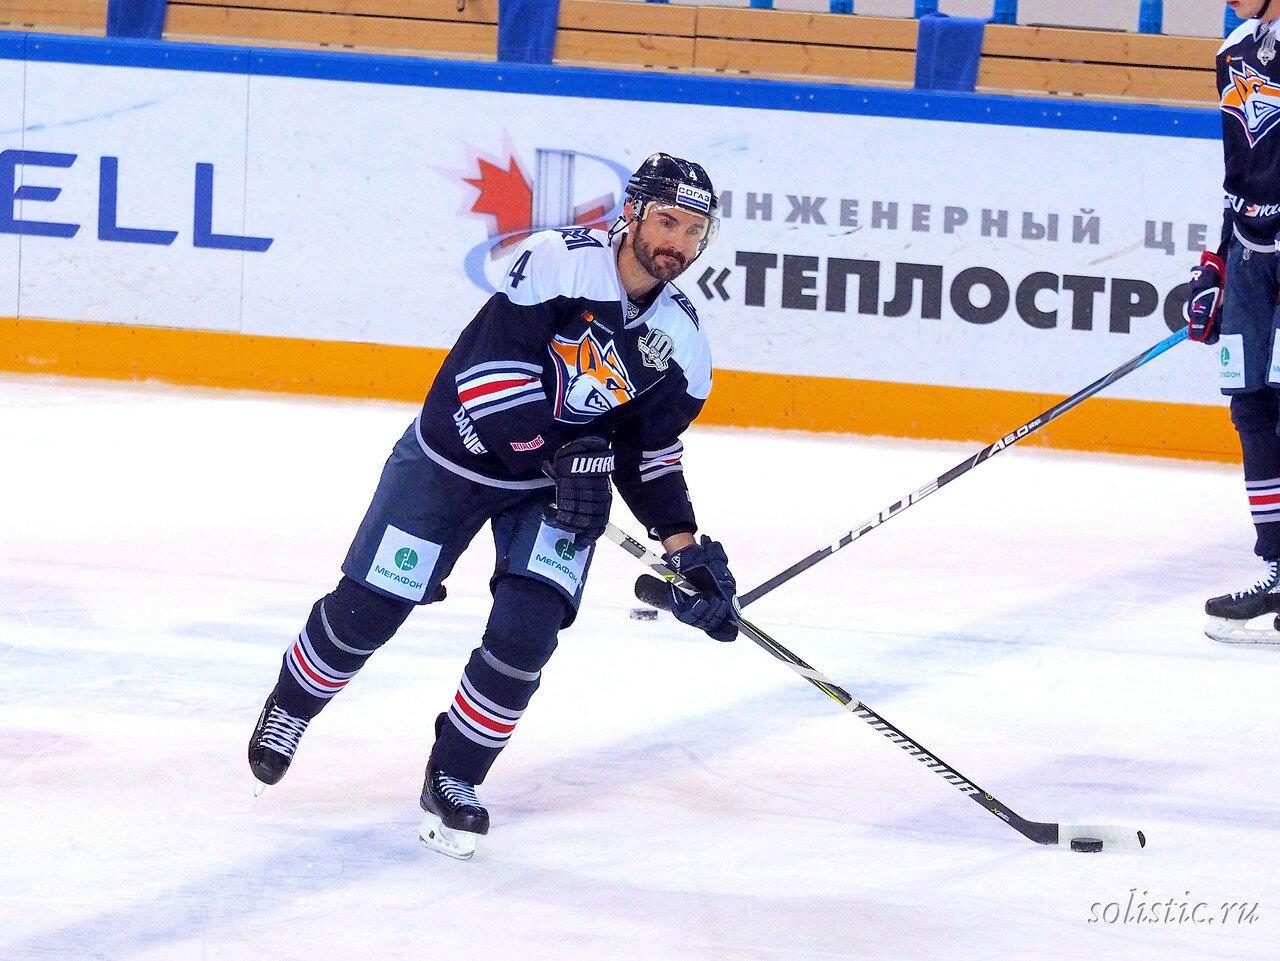 33 Металлург - Сибирь 09.11.2017